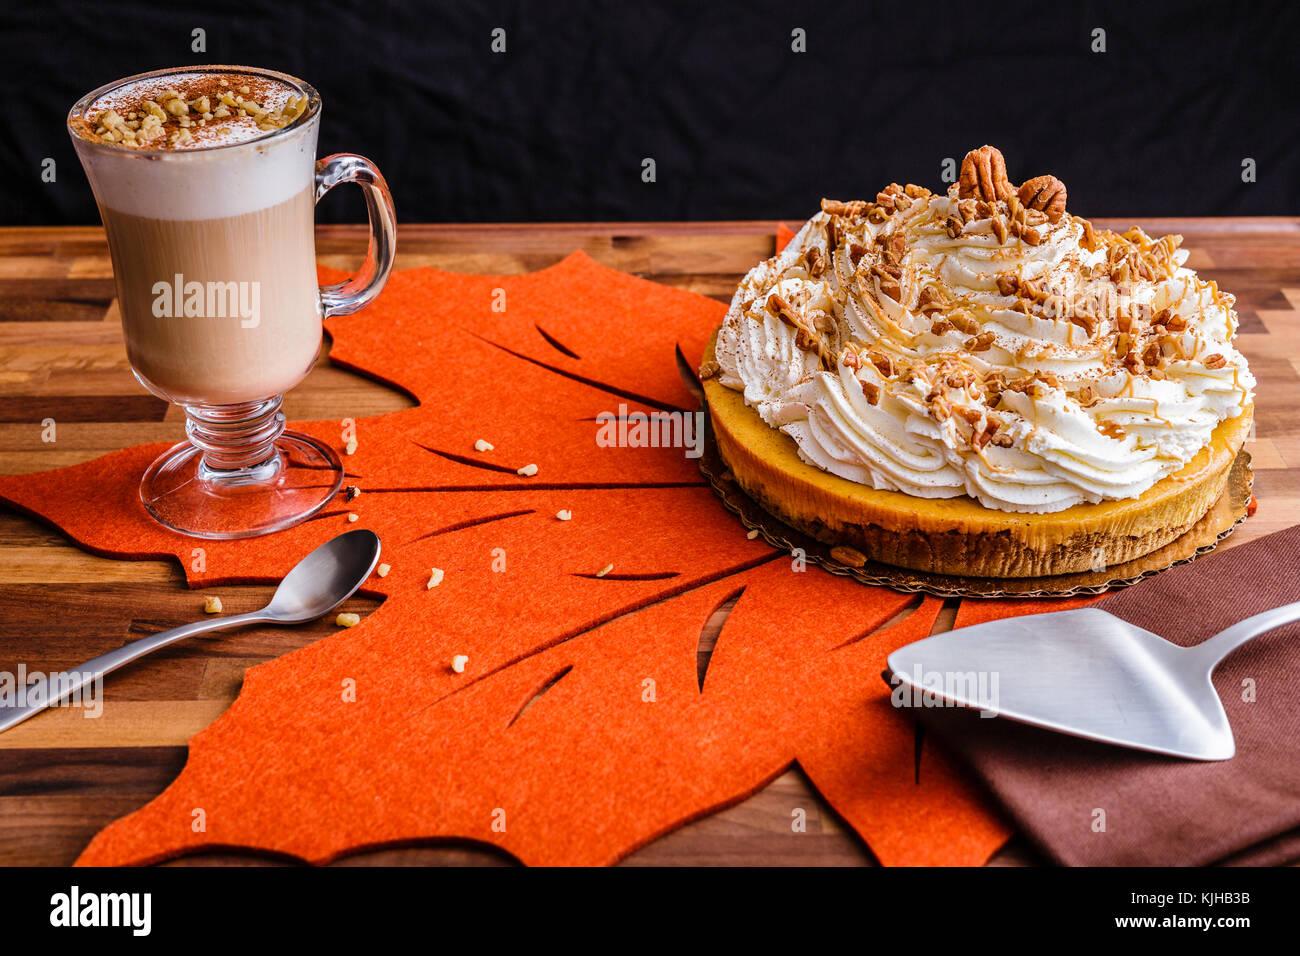 Disfrute del día de acción de gracias con un pastel de calabaza tarta de queso y una taza de café Imagen De Stock